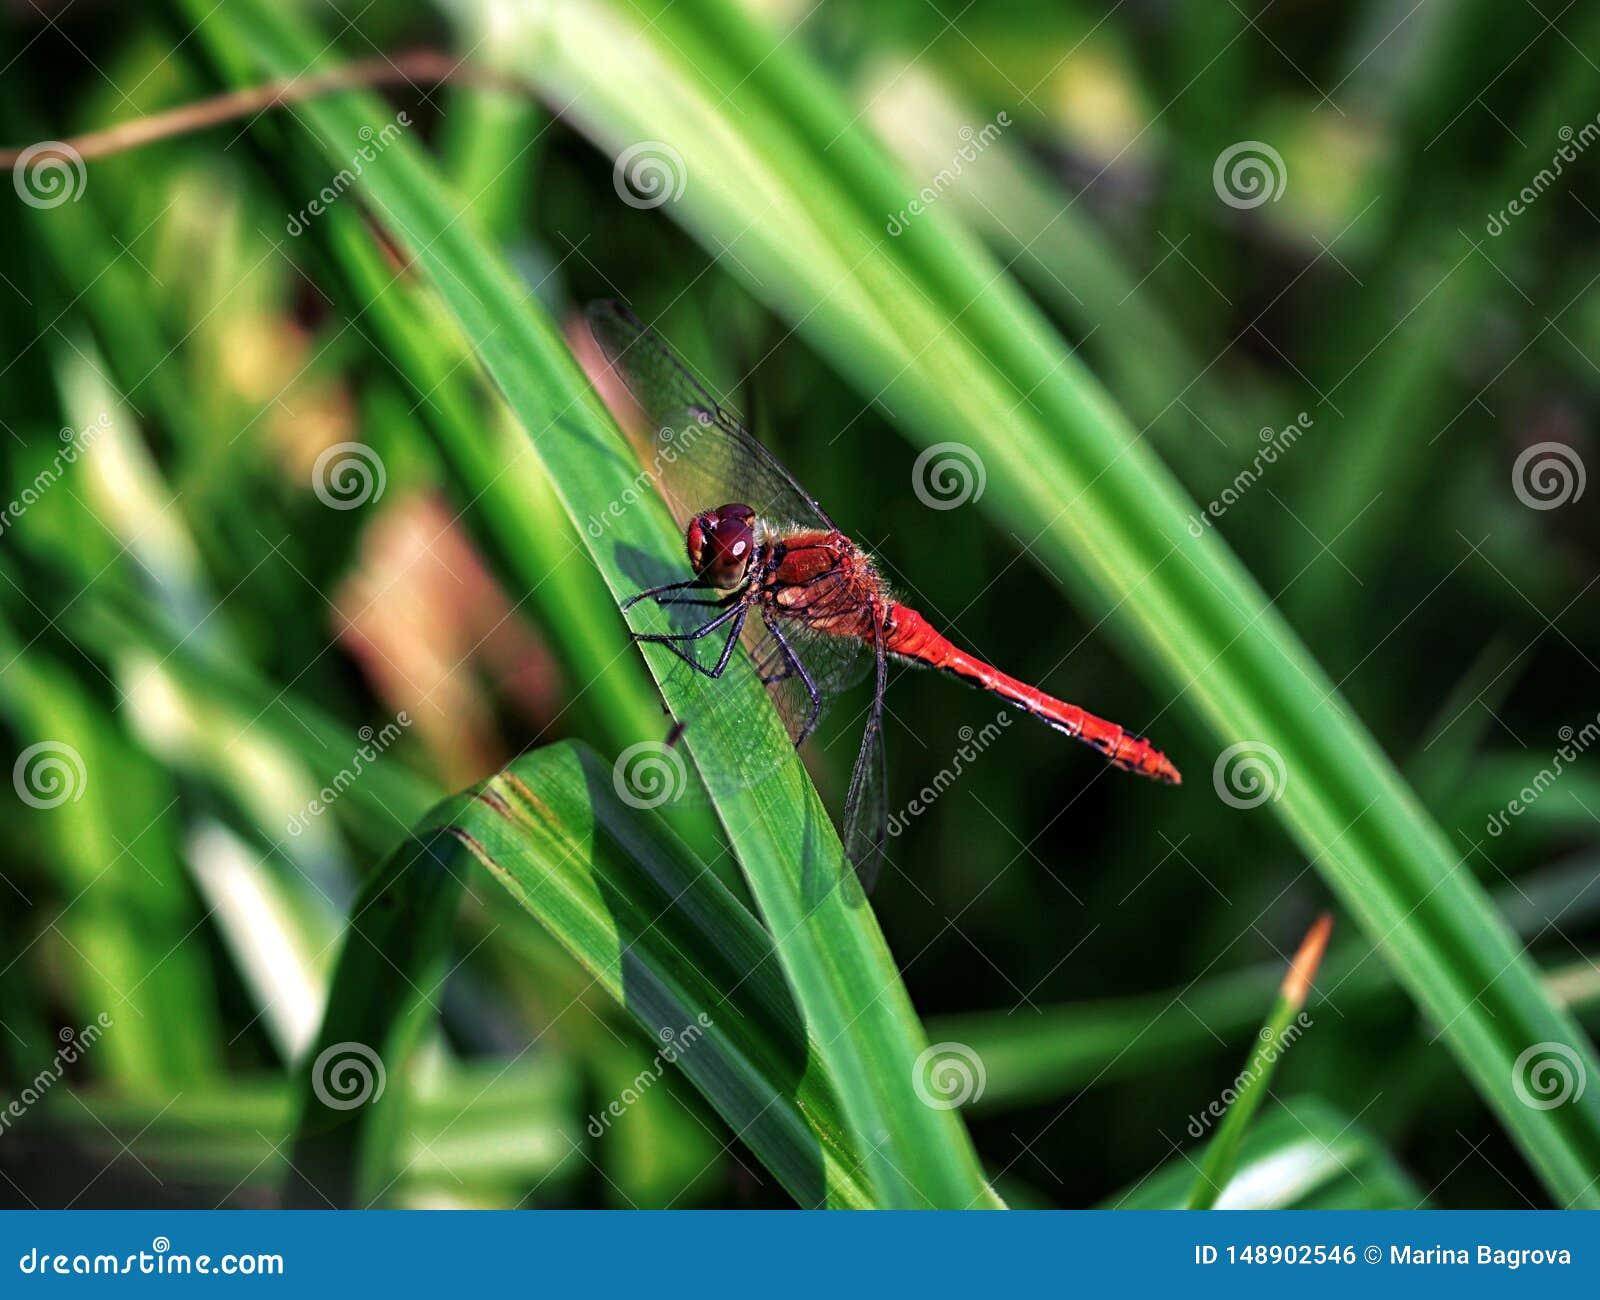 Härlig röd slända, Sympetrum sanguineum som vilar på ett grässtrå på en grön bakgrund nära dammet predatory kryp